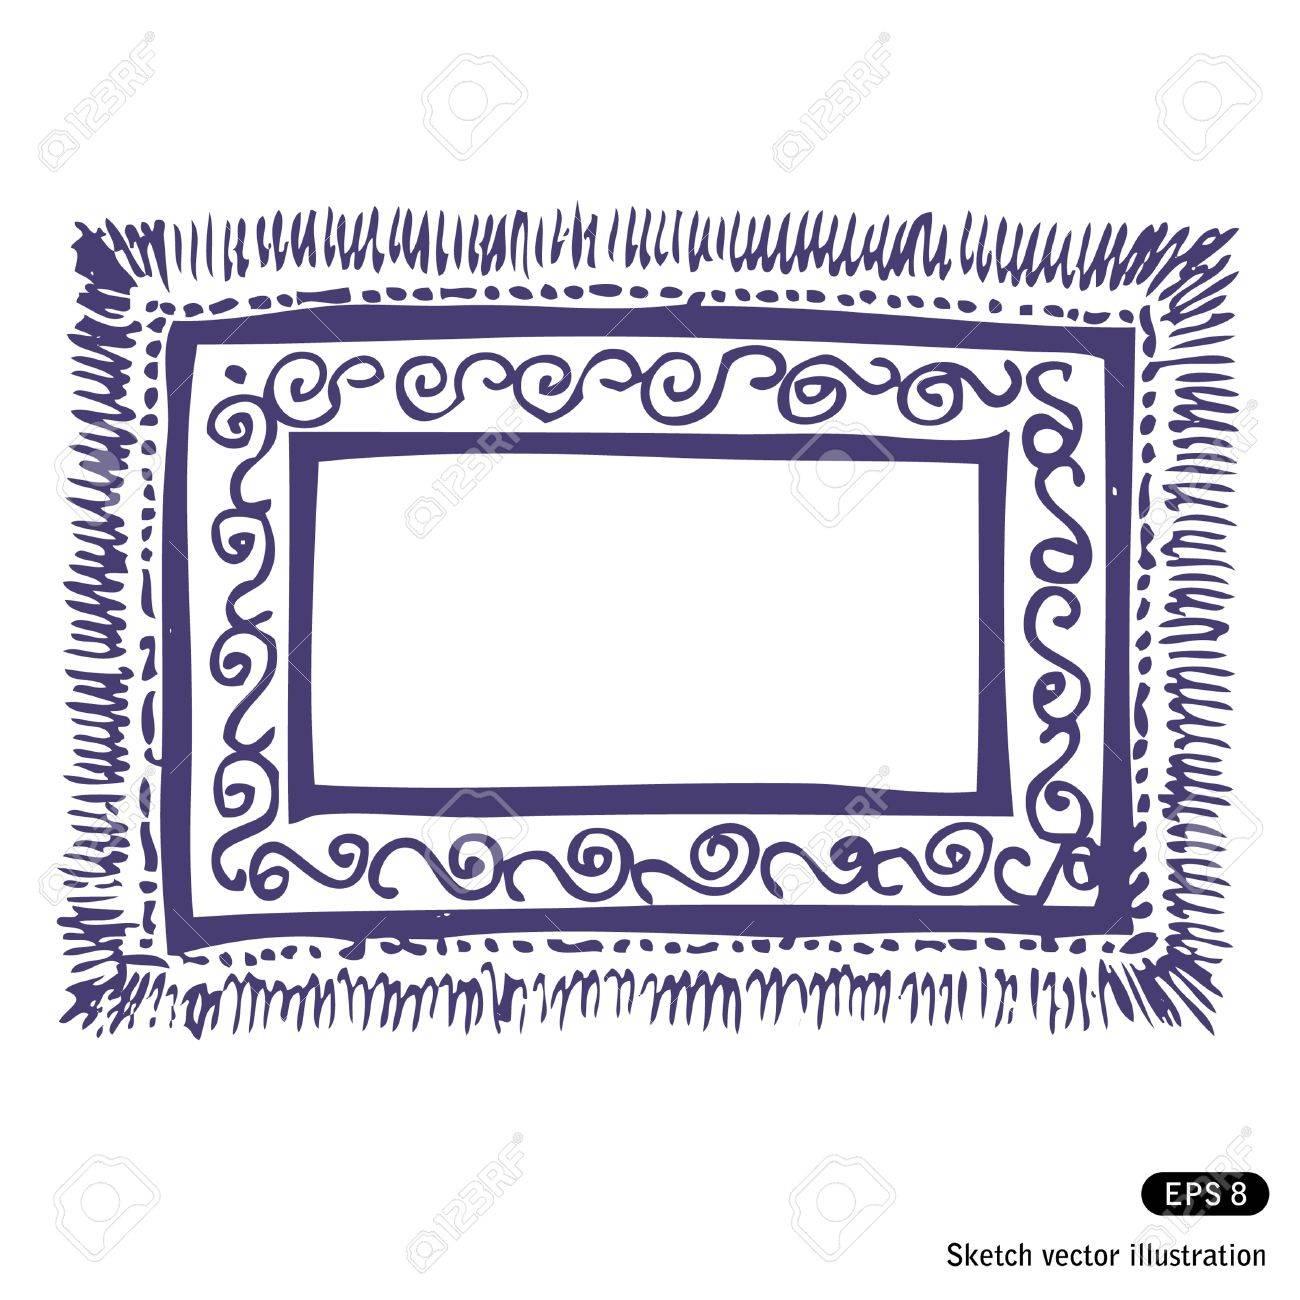 Teppich gezeichnet  Hand Gezeichnet Teppich Frame Isoliert Auf Weißem Hintergrund ...